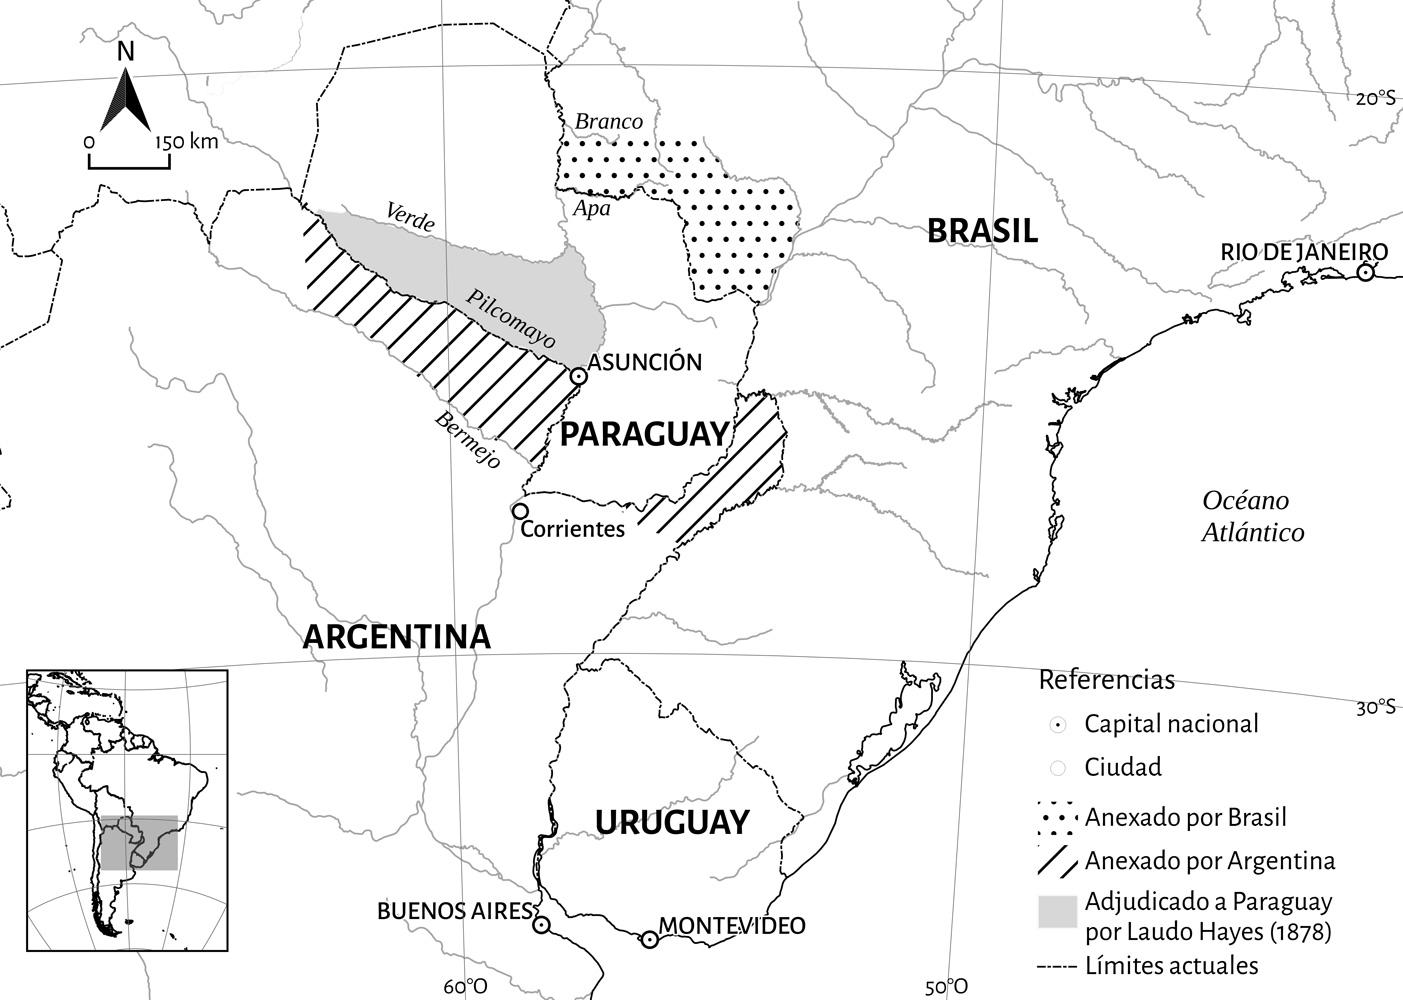 NUEVO-Mapa-Territorios-Anexados-Guerra-P